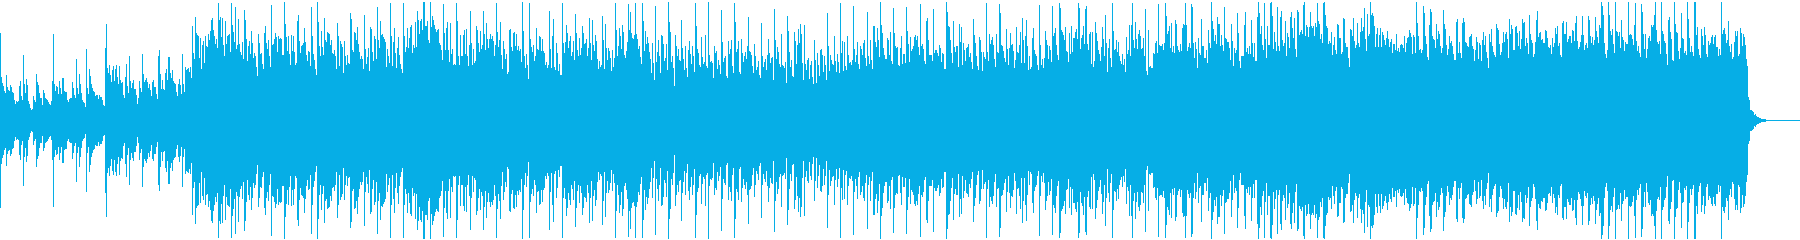 結婚式に適したピアノポップインストの再生済みの波形